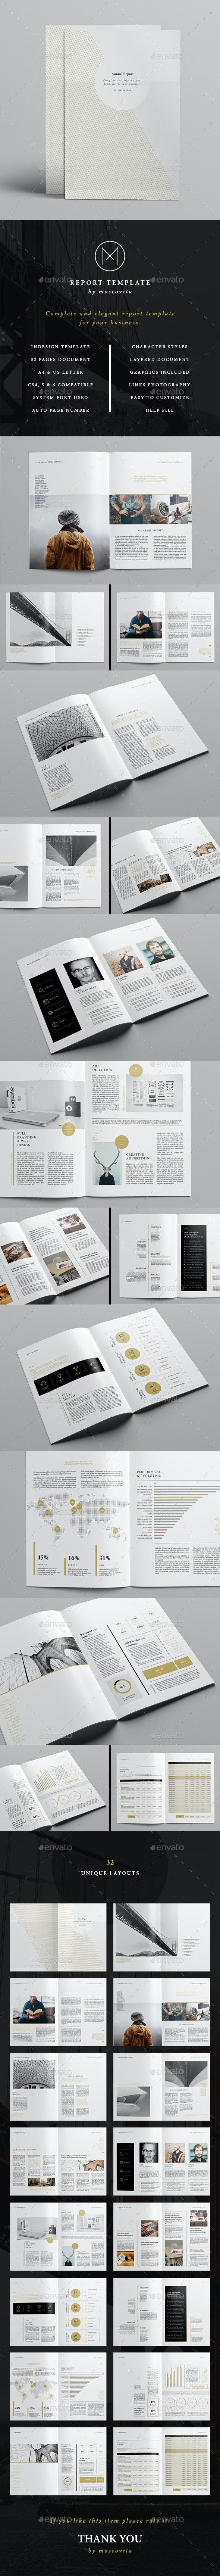 Report - Informational Brochures